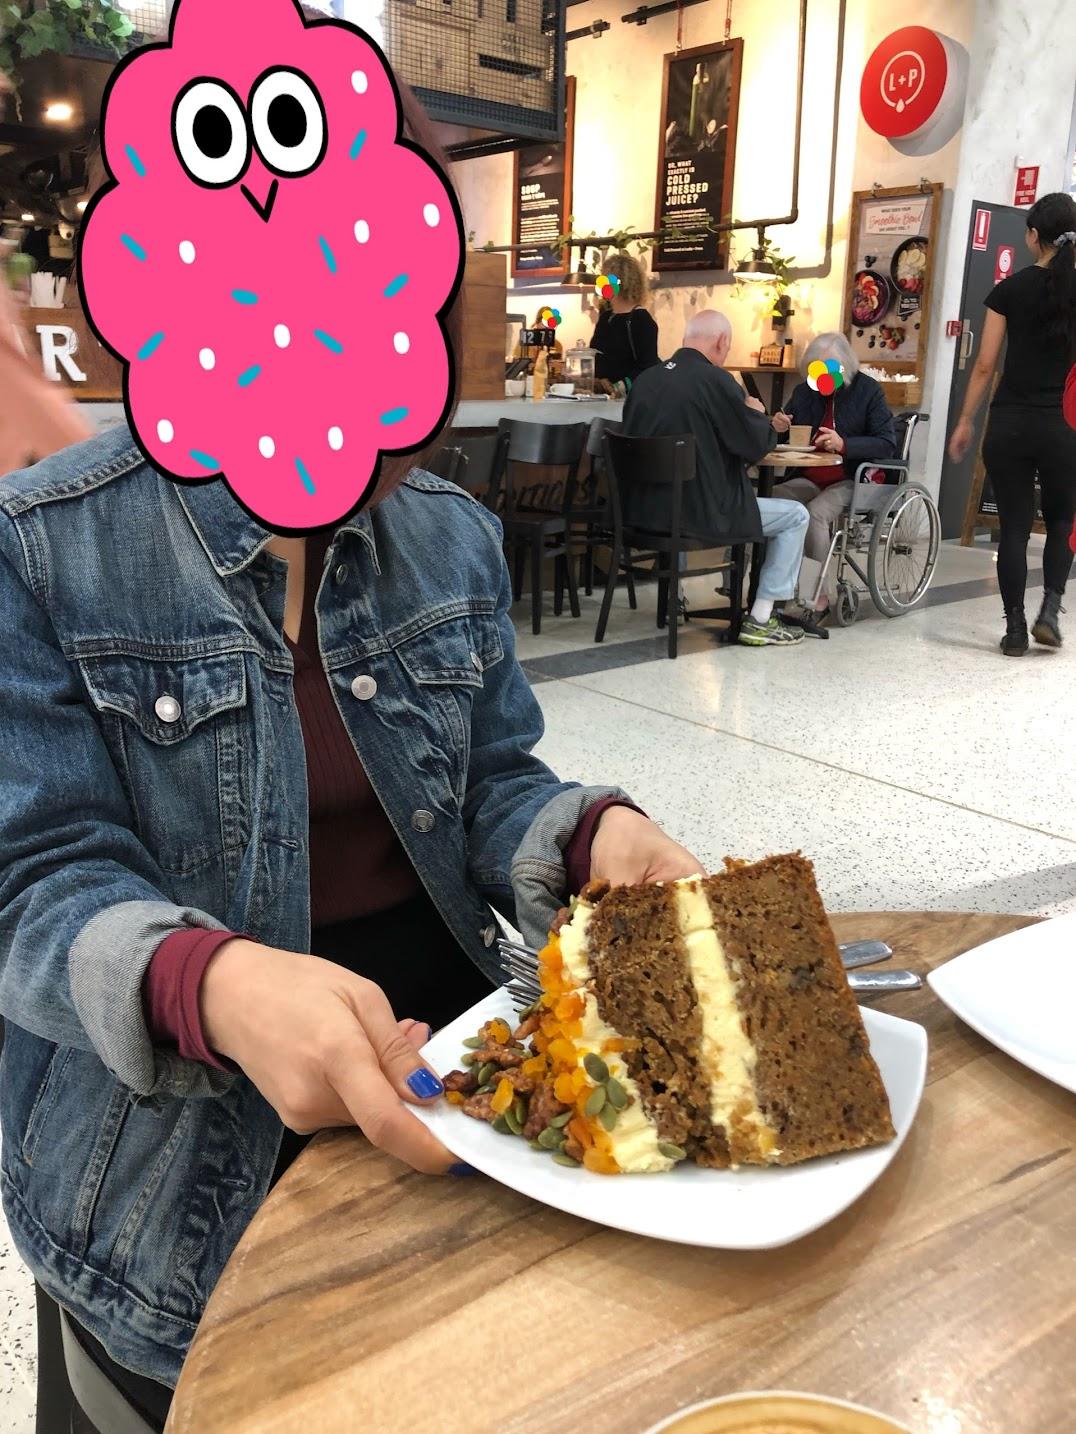 でかキャロットケーキ